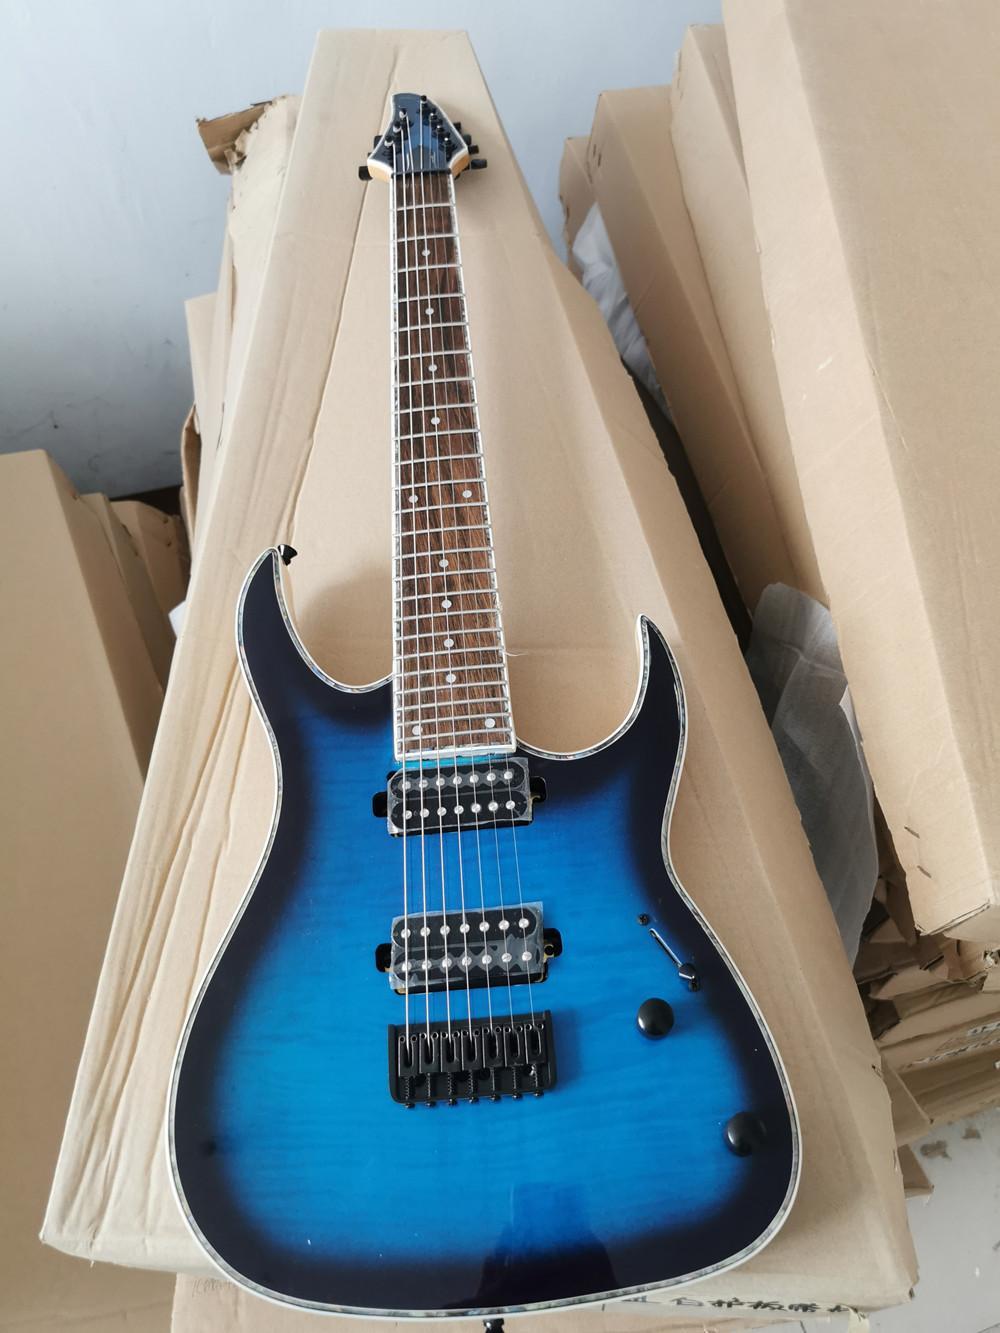 7 Dizeler Mavi Vücut Elektrik Bas Gitar ile Alev Maple Kaplama, Boyun Vücut, Siyah Donanım, Gitar Stokta